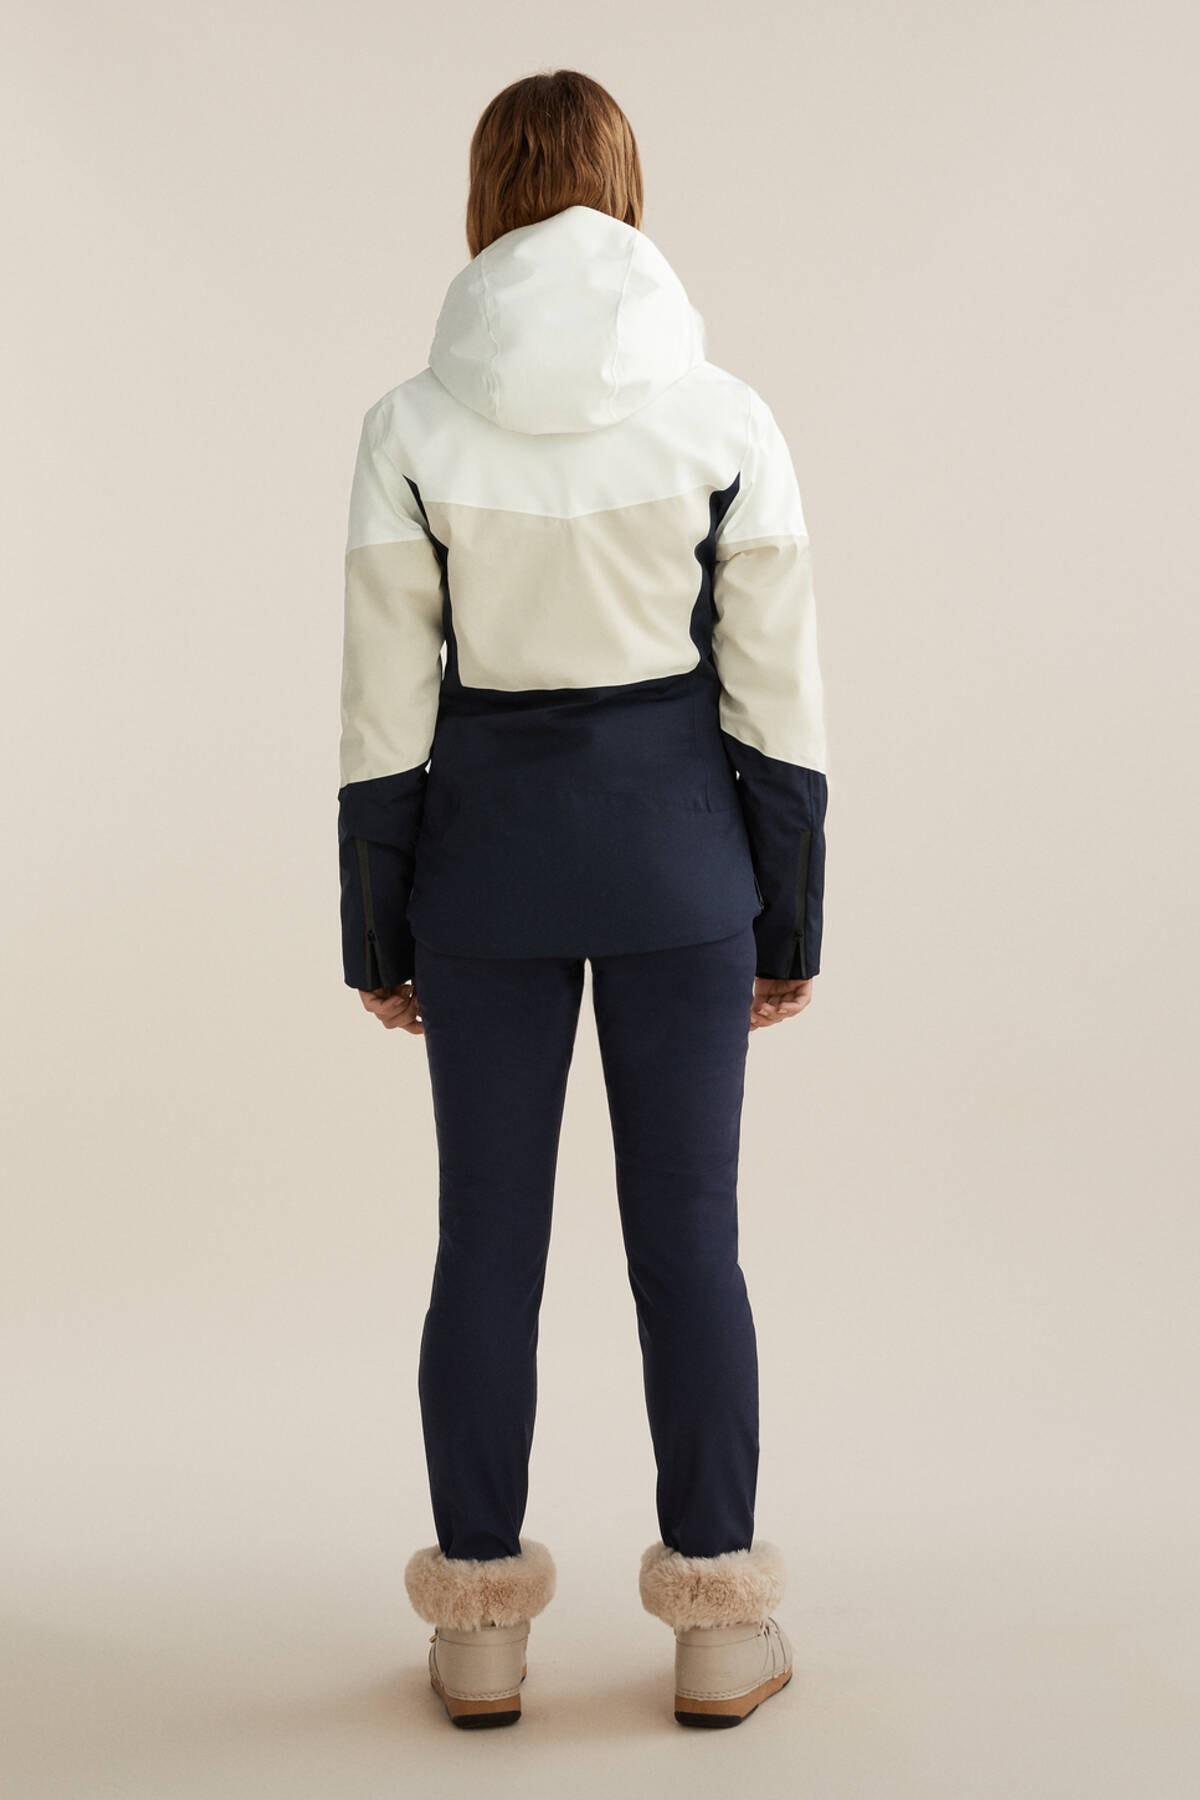 Oysho Kadın Deniz Mavisi Dolgulu Panelli Recco® Kayak Montu 4